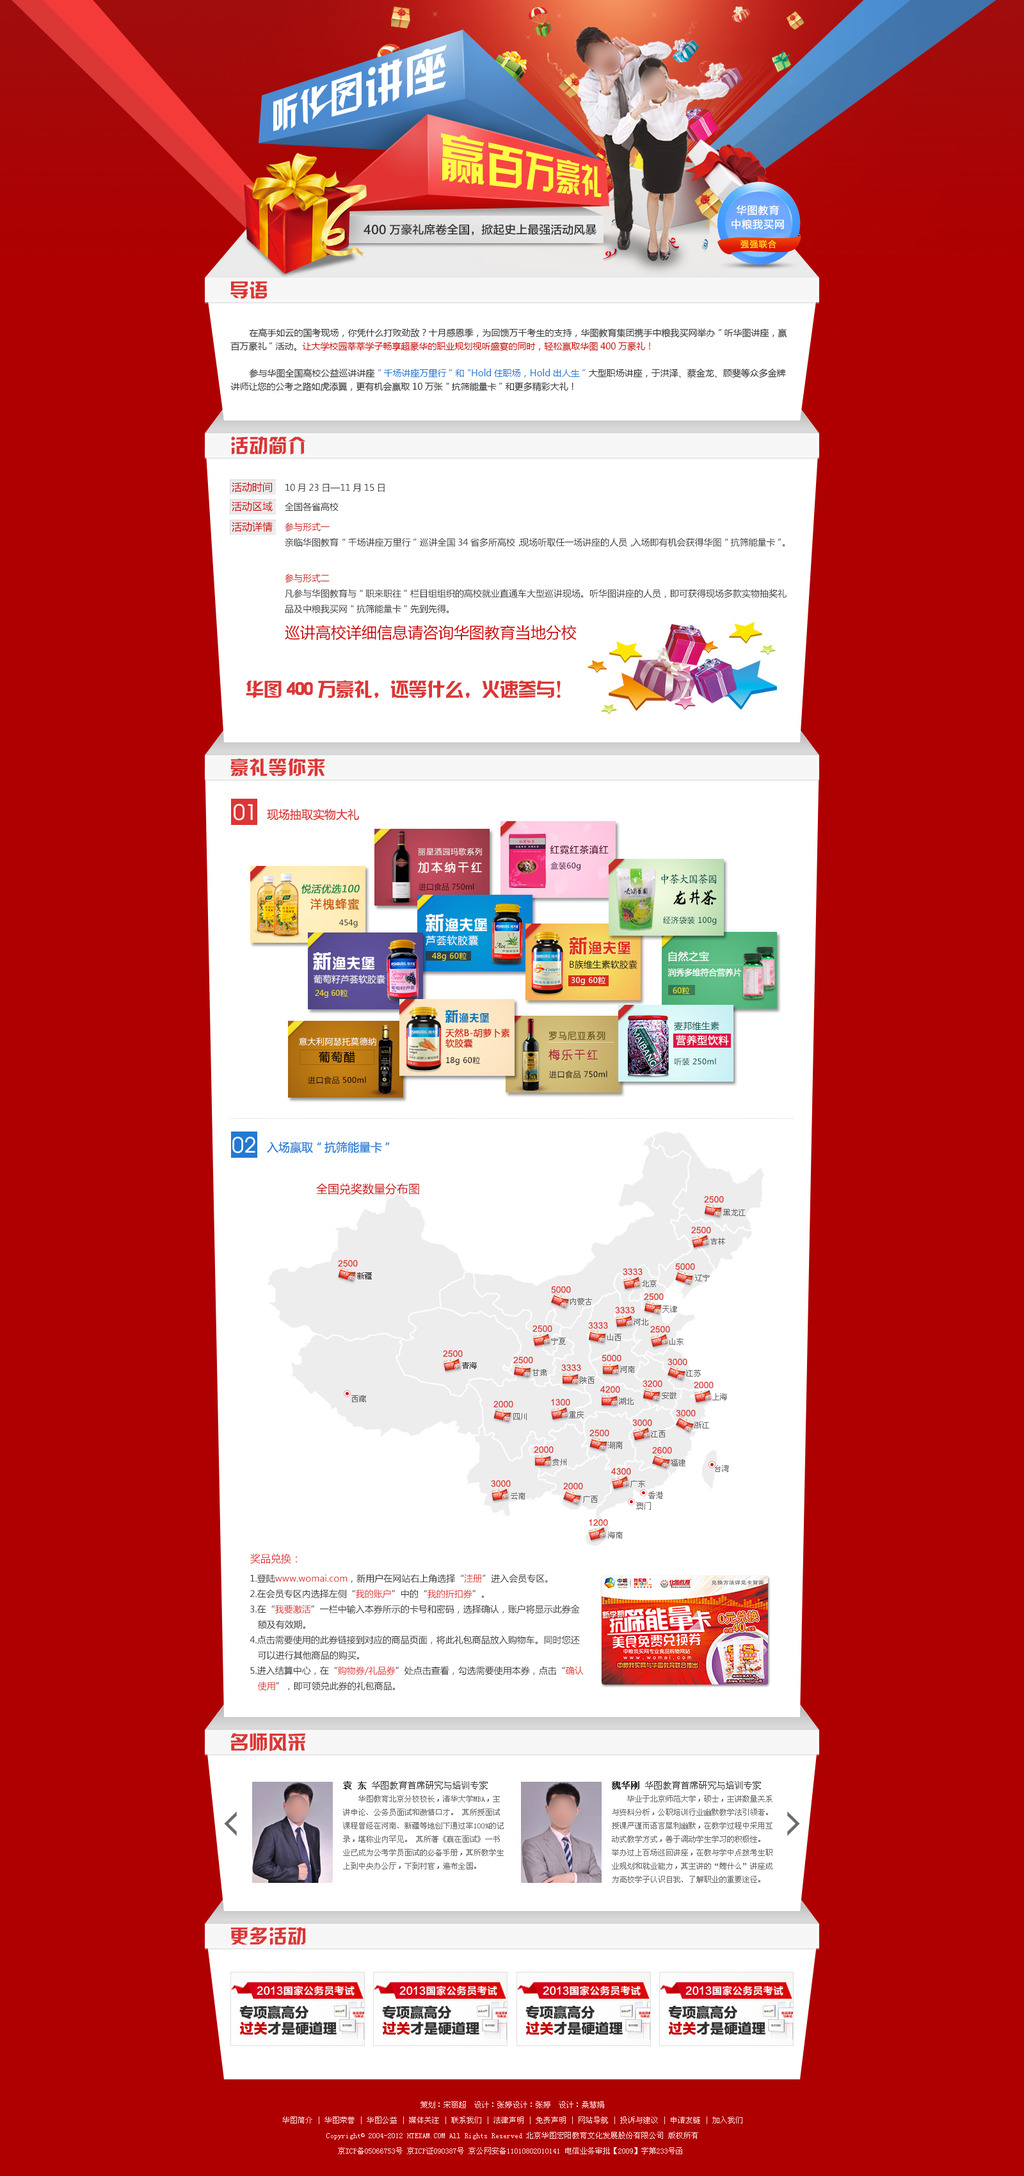 节日活动送礼专题网页模板